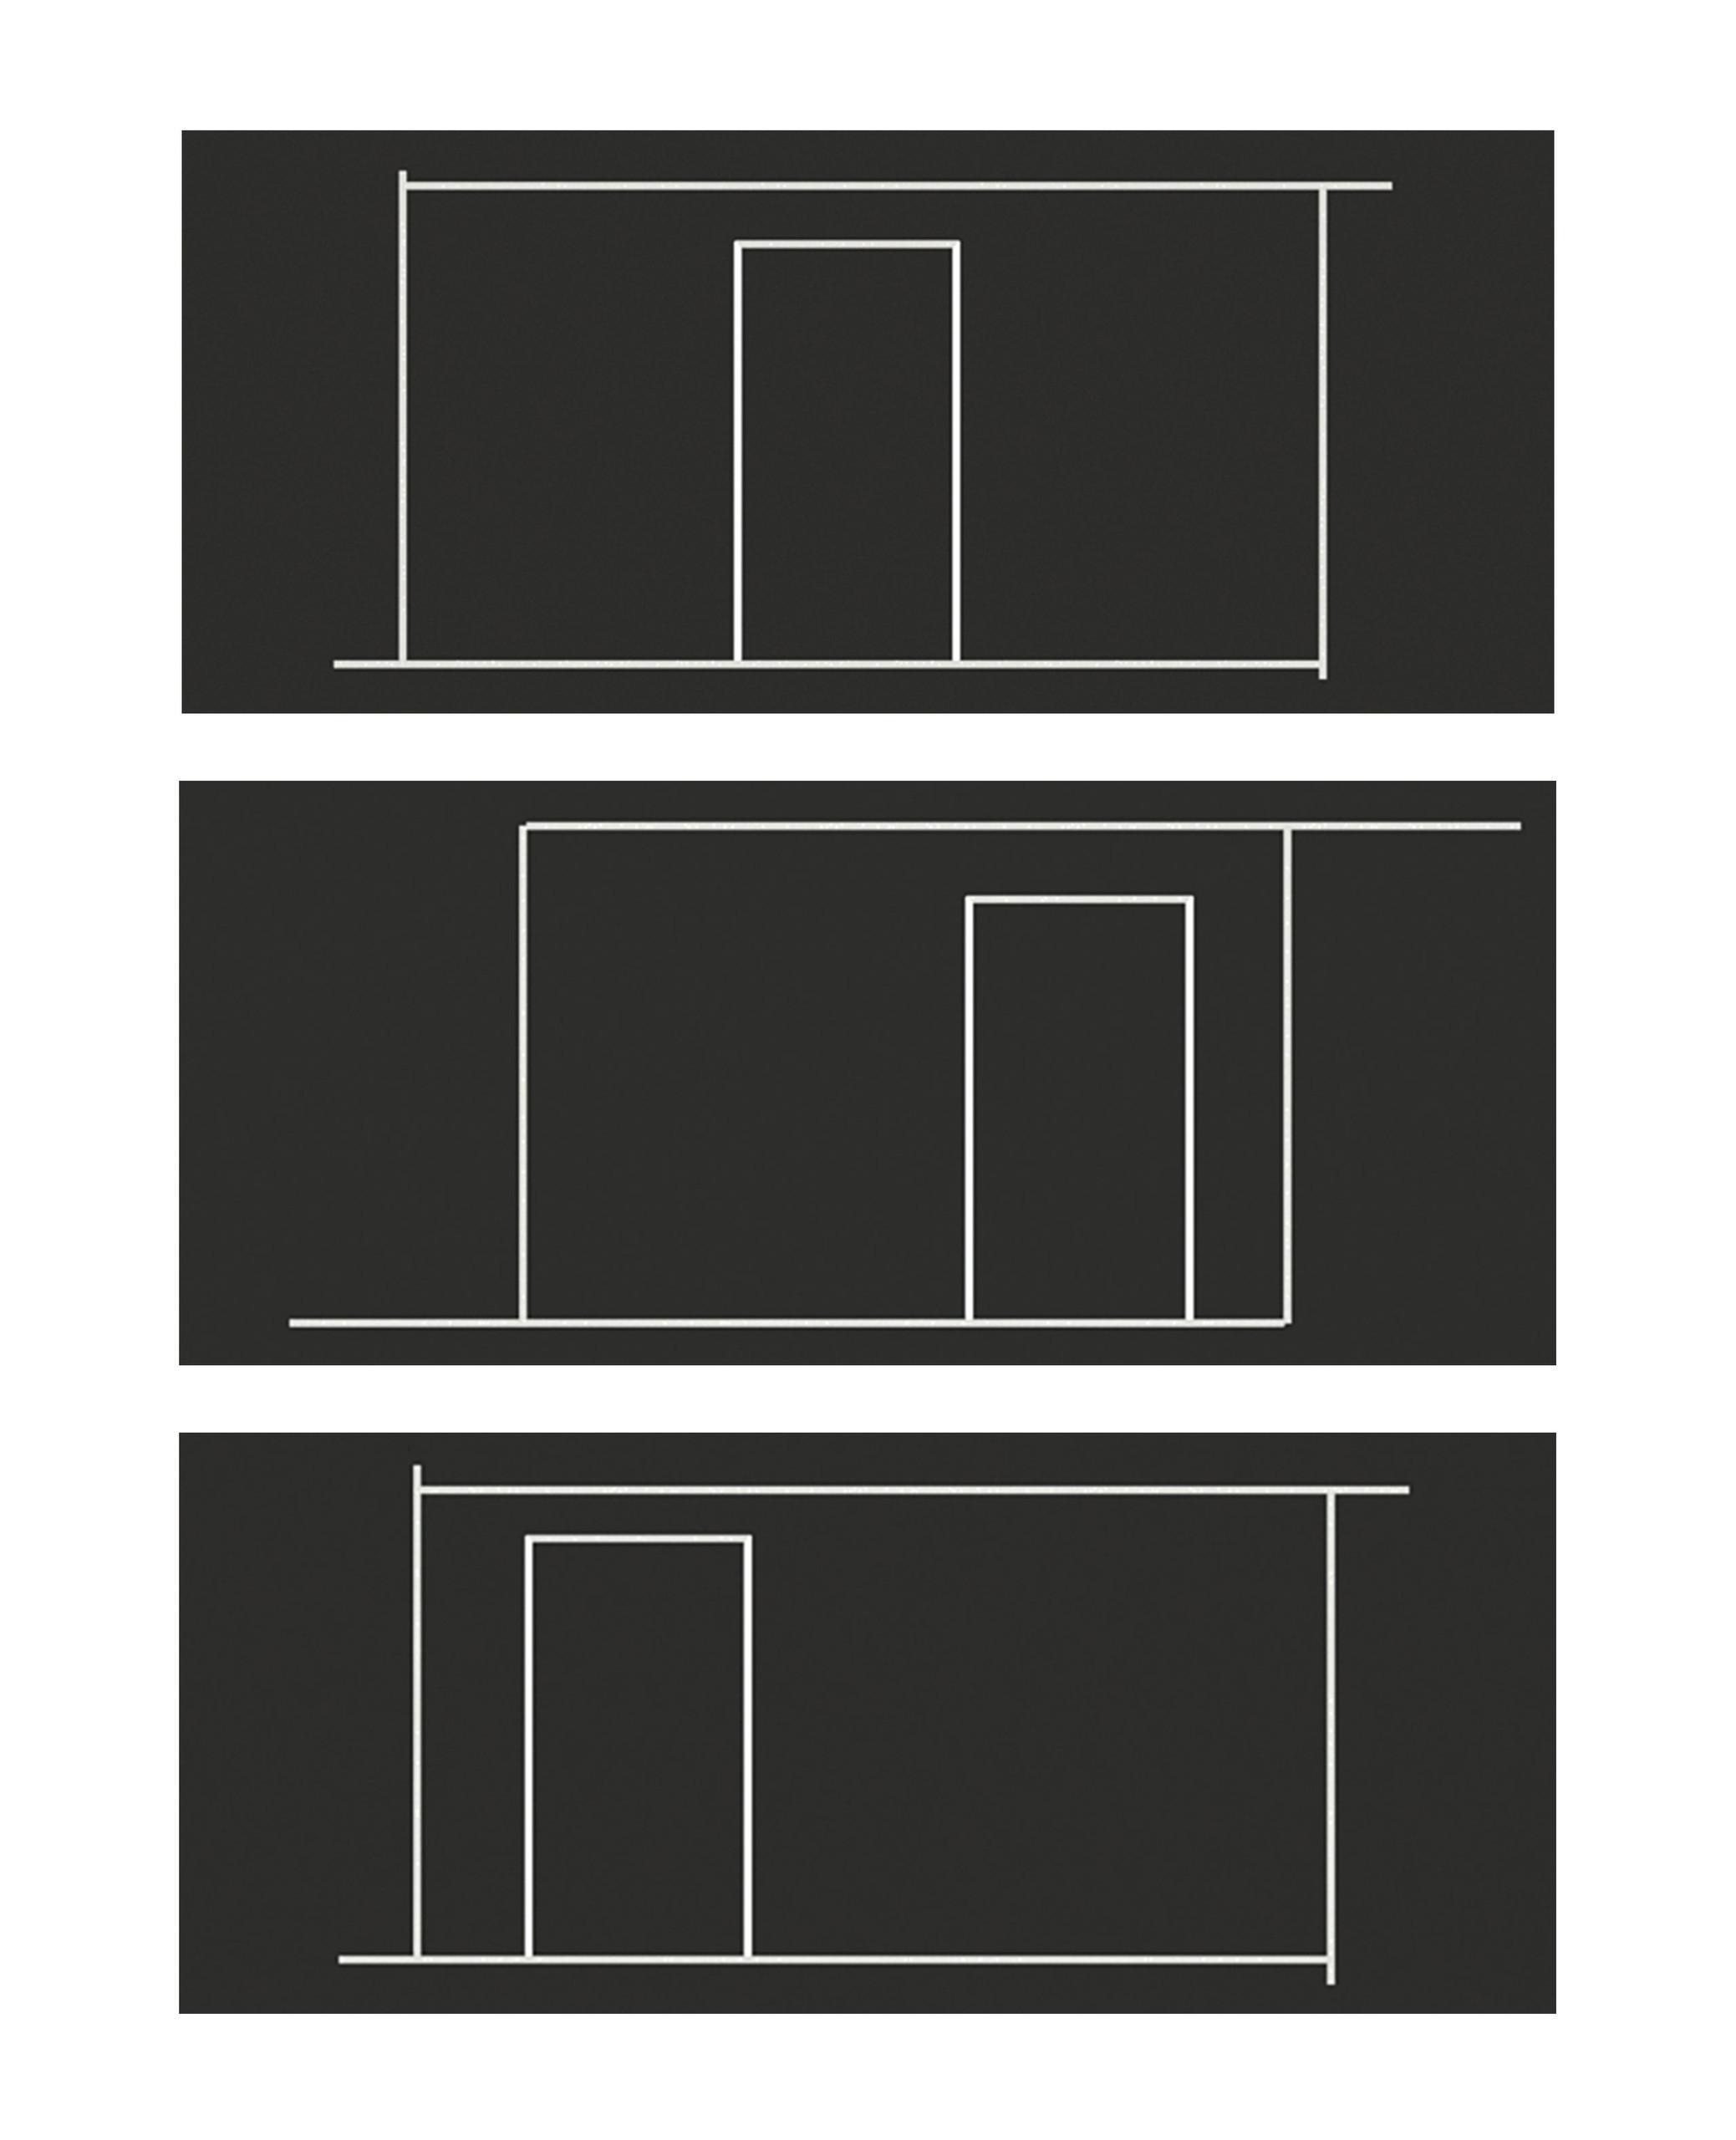 Structure schématique de la table de coffrage